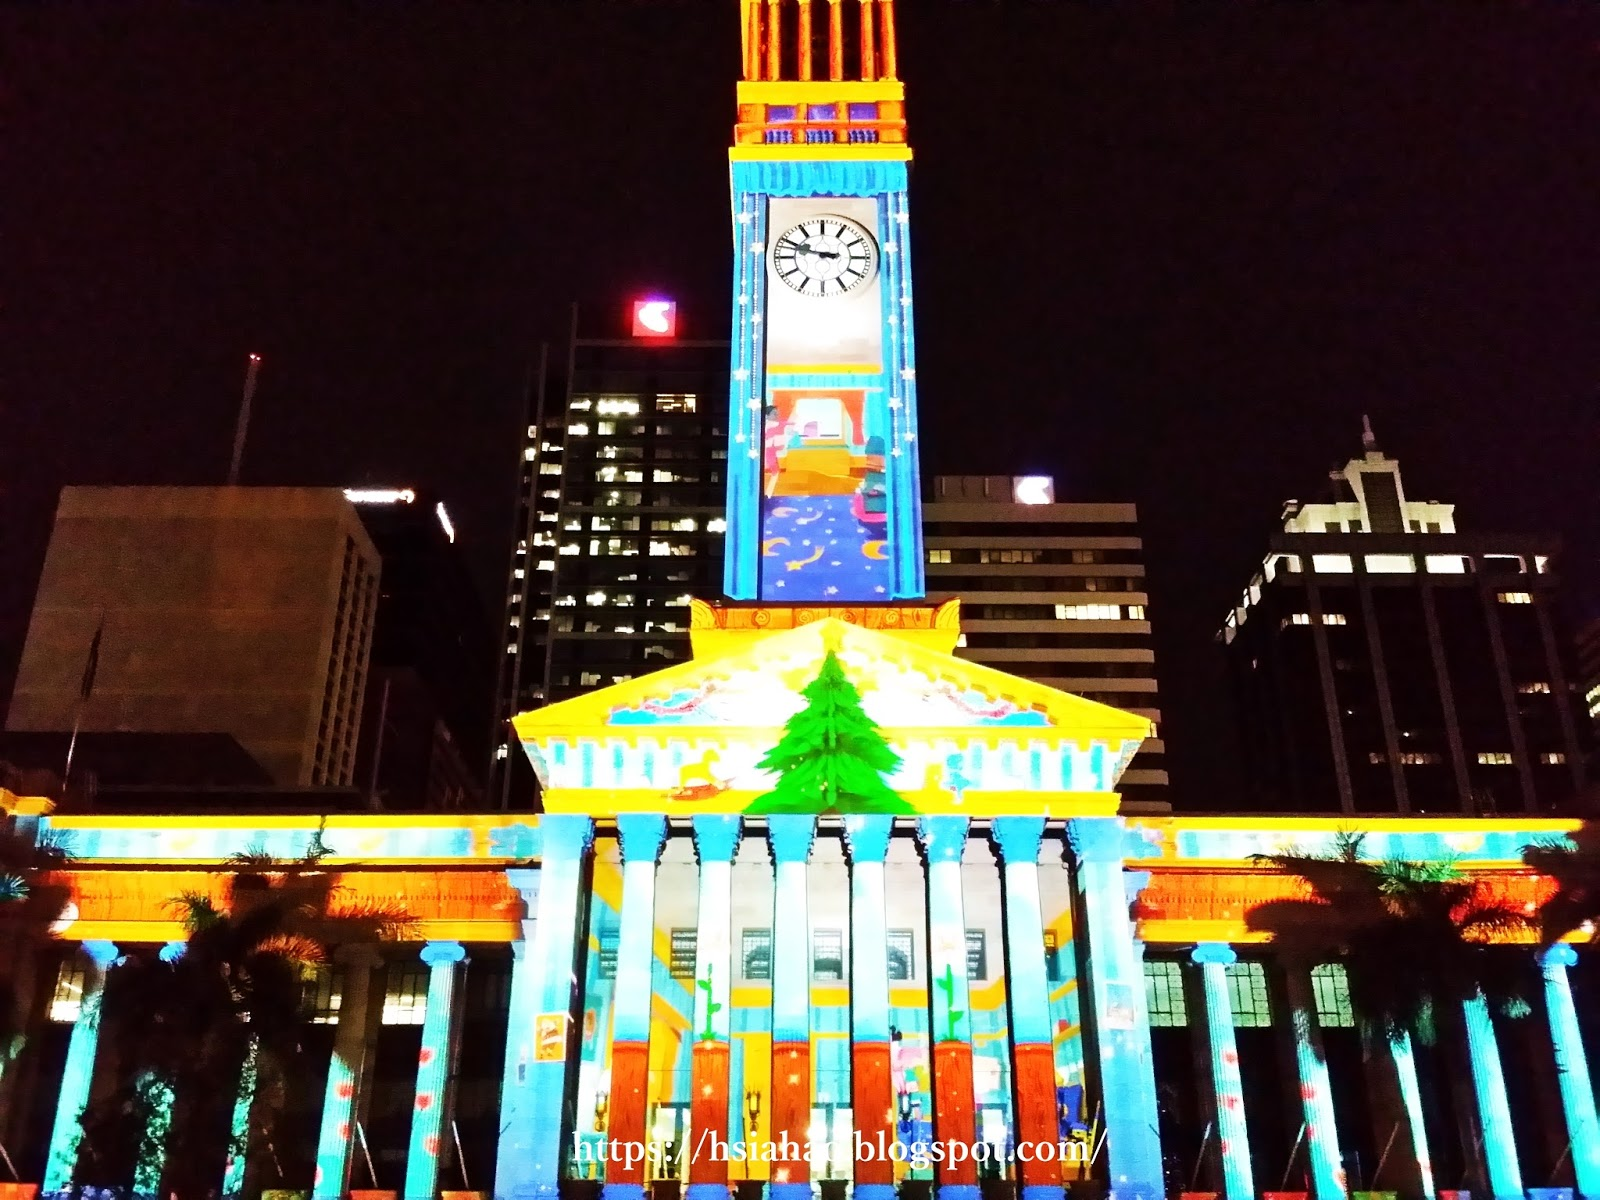 布里斯本-聖誕-跨年-活動-推薦-玩法-好玩-遊記-Brisbane-Christmas-New Year